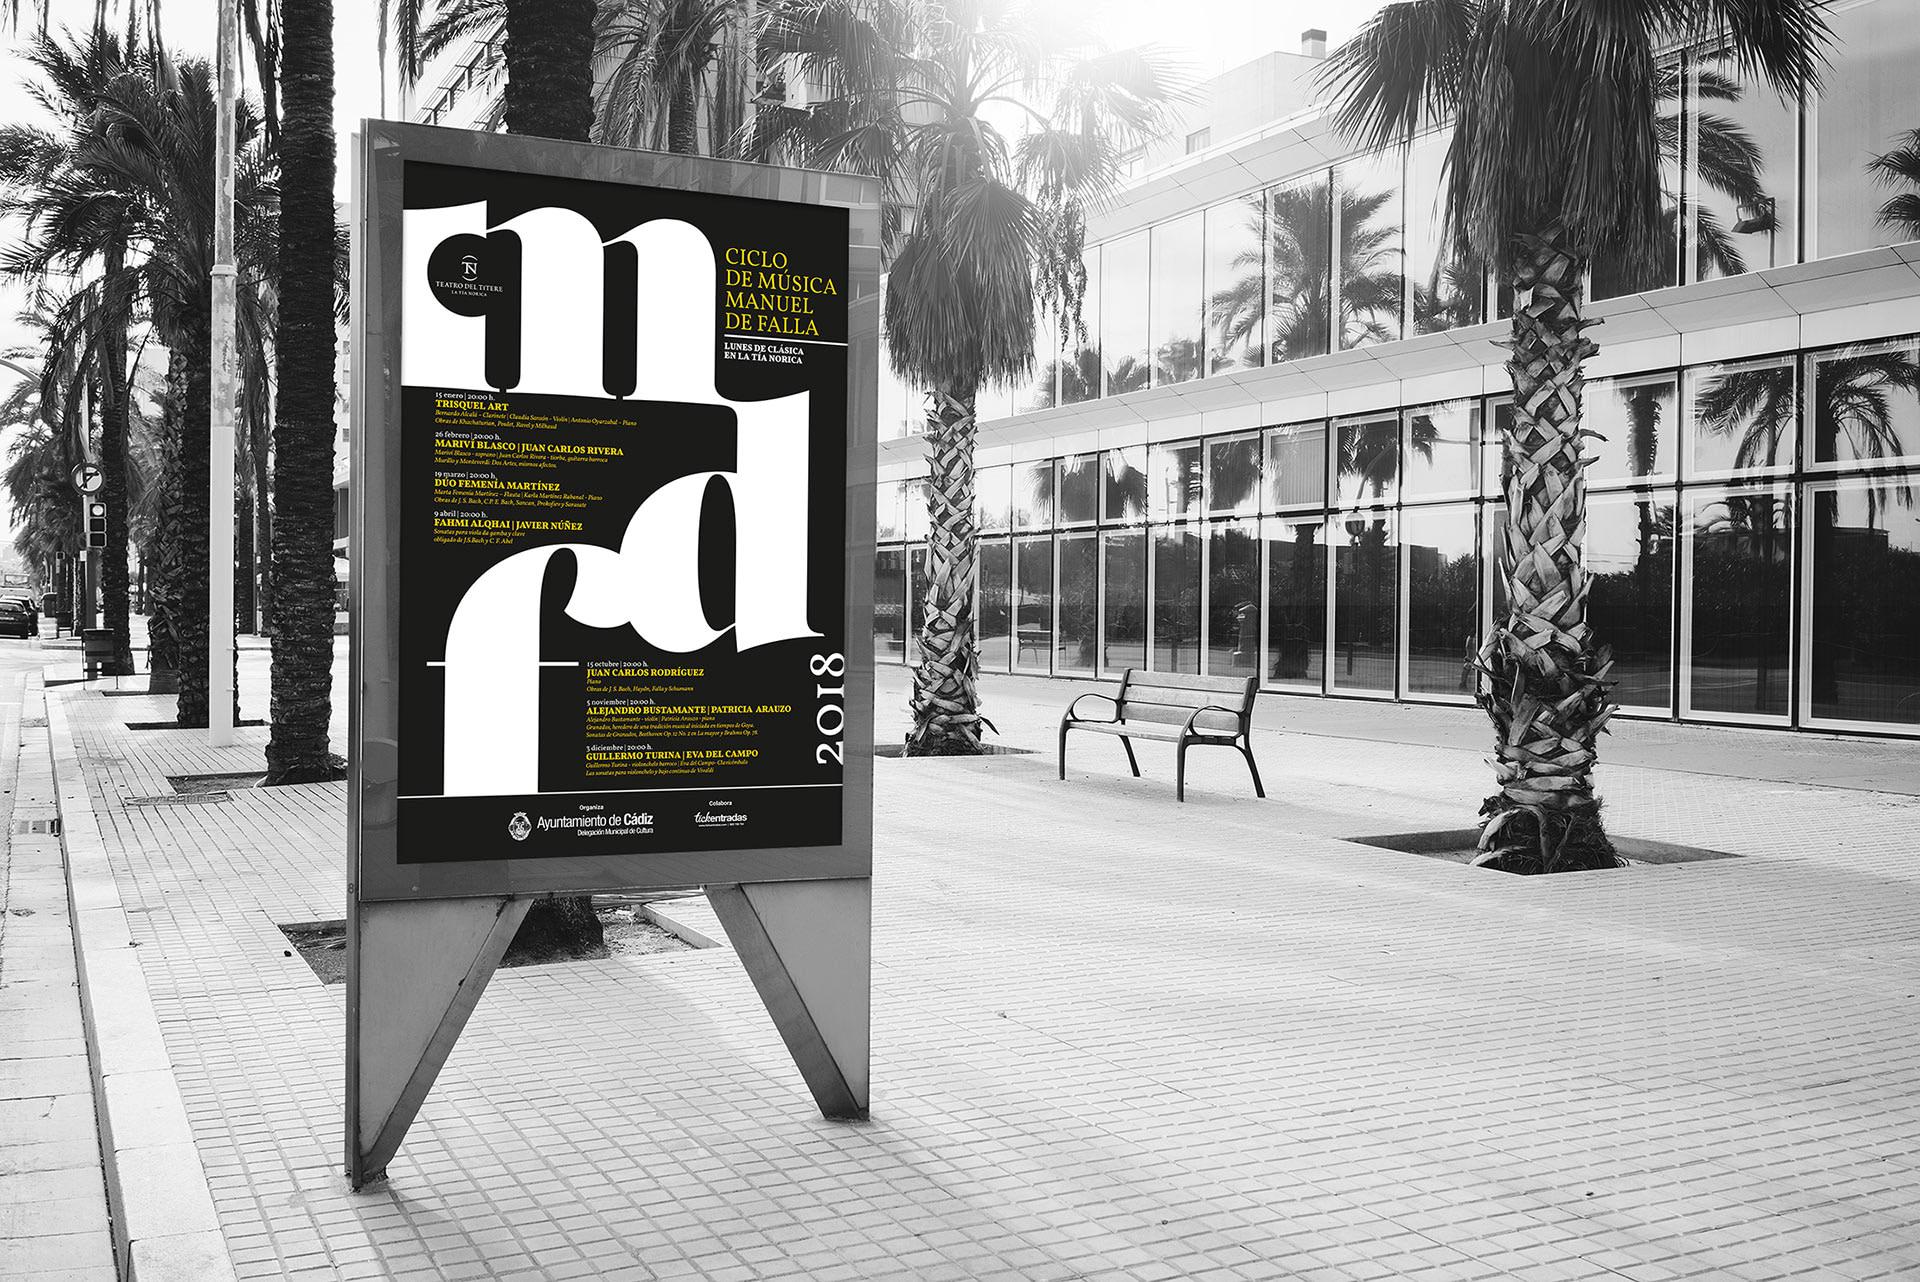 Mupi - Campaña de publicidad - Ciclo de música - Manuel de Falla 2018